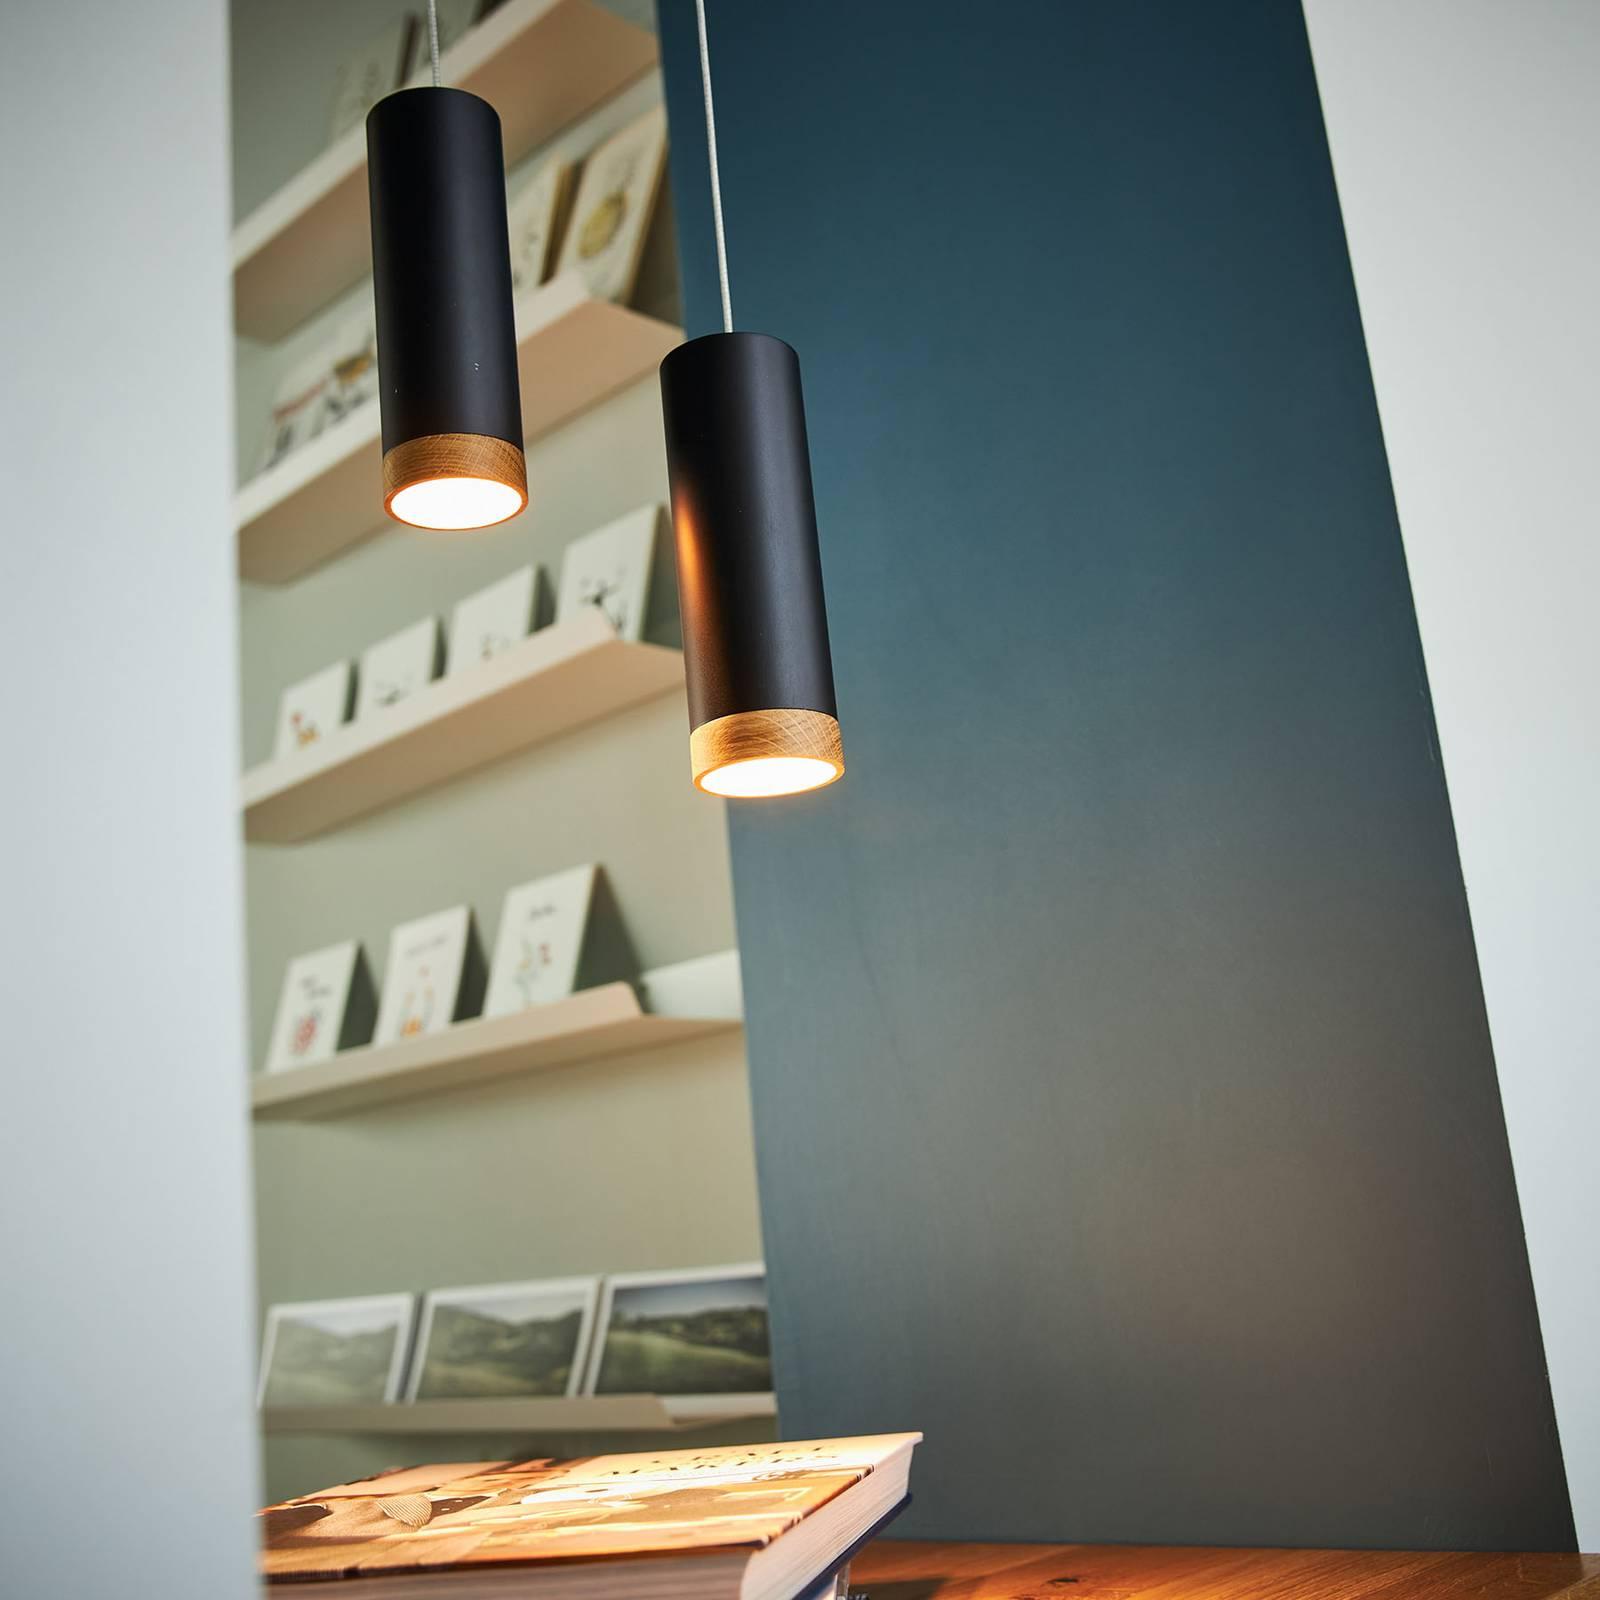 Lampa wisząca LED PHEB, czarny/dąb